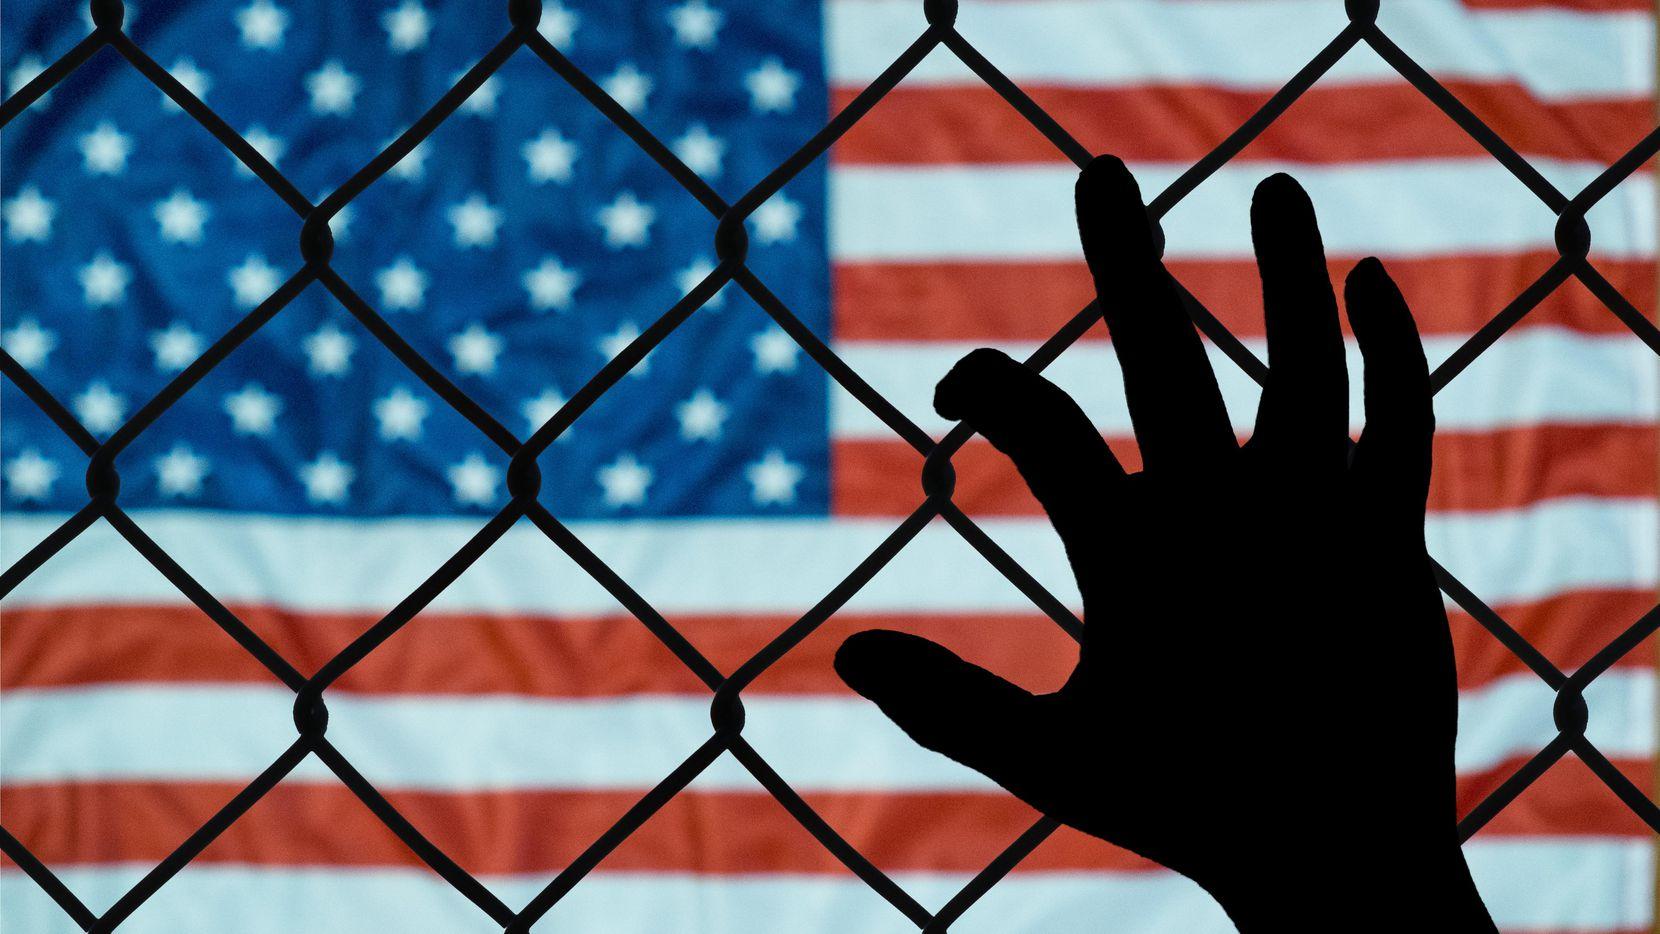 Un asilado puede solicitar ciudadanía un año antes que los residentes permanentes (GETTY IMAGES/iStockphoto